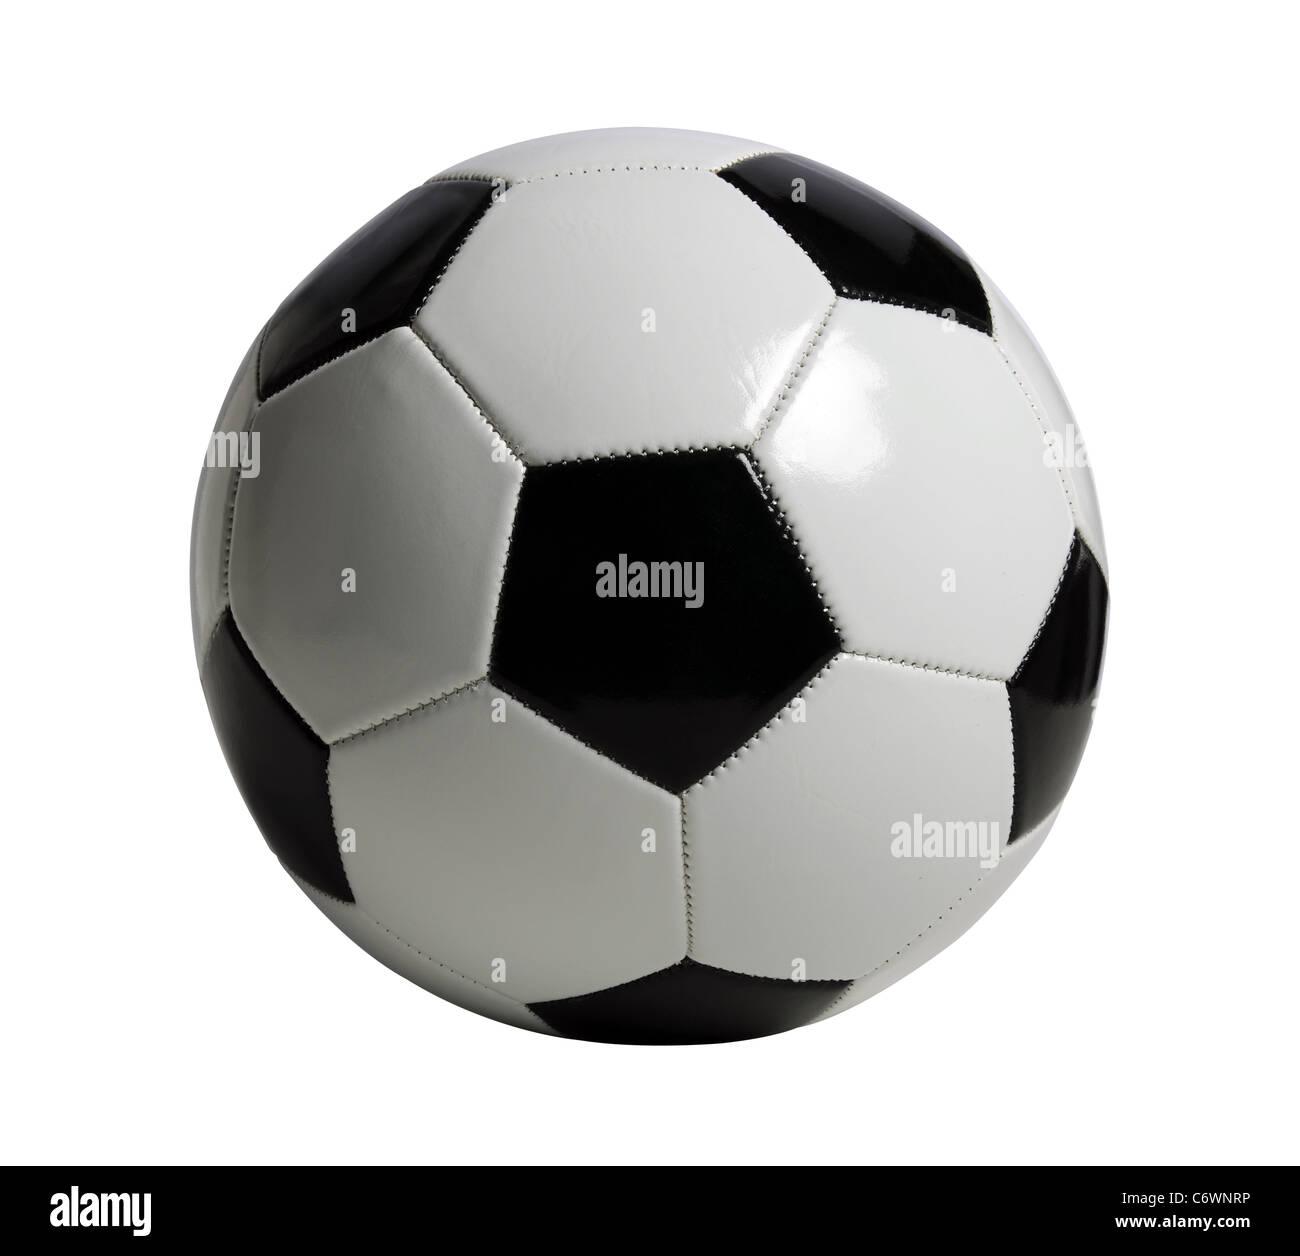 Pallone da calcio isolate su sfondo bianco - con tracciato di ritaglio Immagini Stock